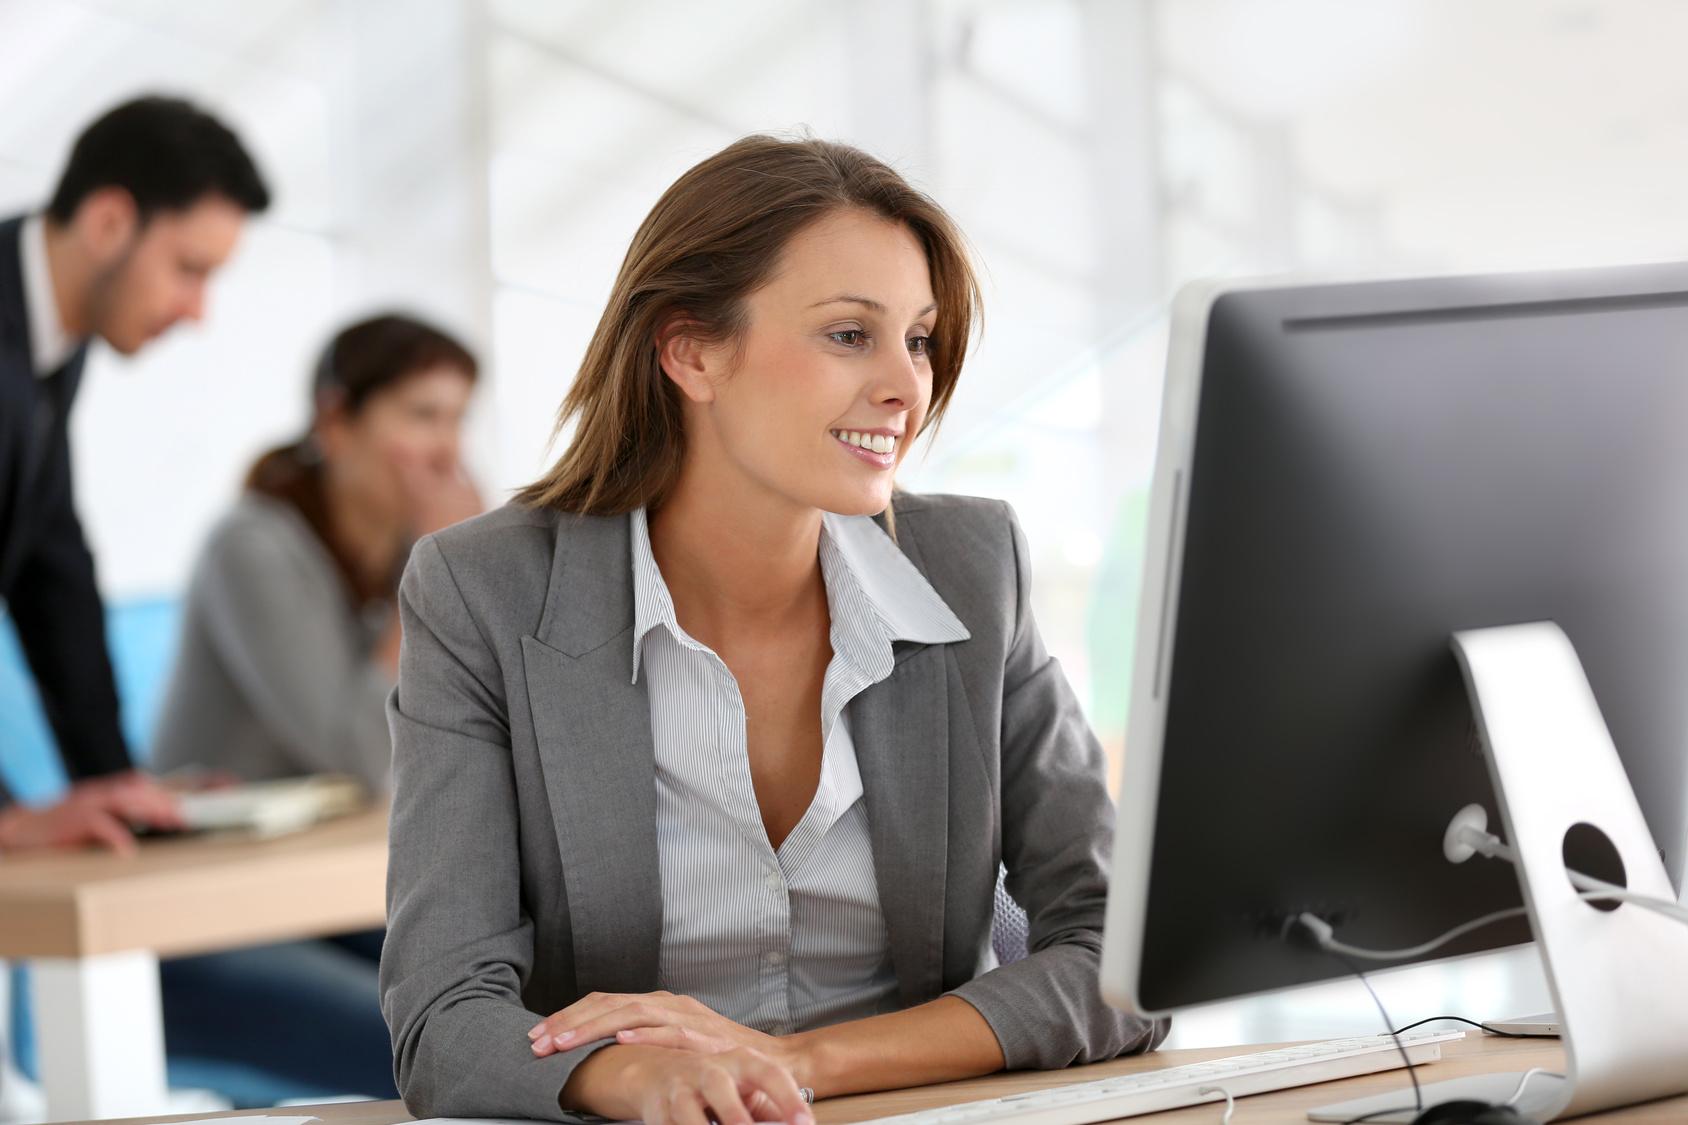 Matrix-IT - Matrix levert ICT-oplossingen die perfect aansluiten op klantvragen. Bij Matrix heb ik het marketingplan beschreven, de website ontwikkeld, campagnes opgezet en klanten-reviews uitgevoerd.